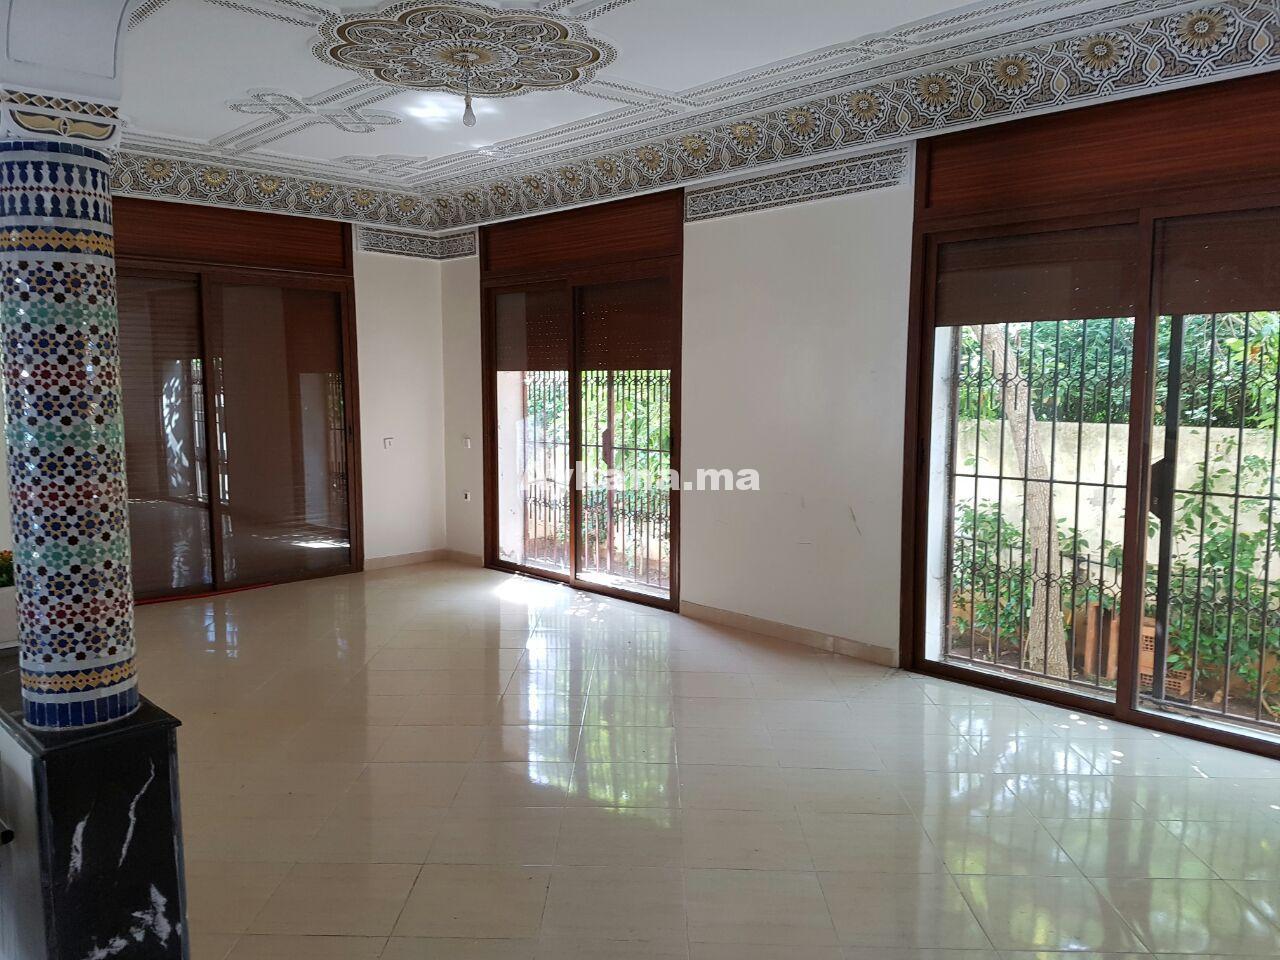 Vente villa rabat hay riad 21181 for Mobilia hay riad rabat